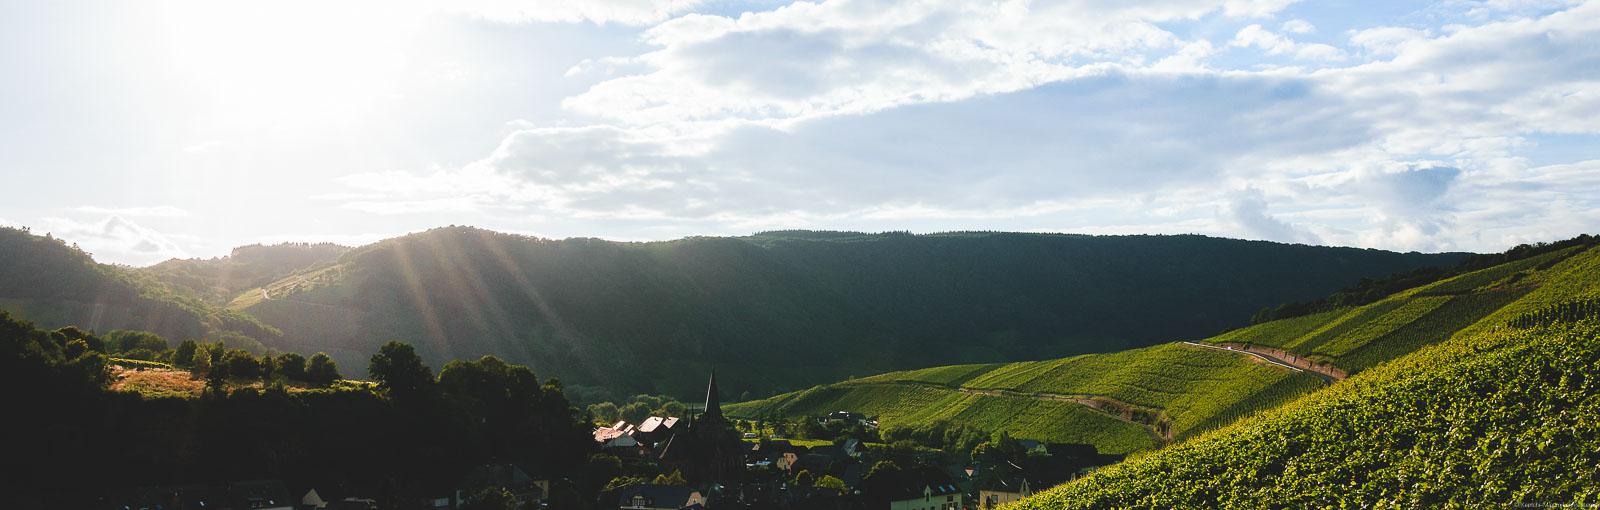 Sonnenuntergang an der Mosel. Links vorne ist ein Felsen. In der Mitte im Tal ist der Ort Neumagen-Dhron mit einer Kirche. Rechts liegt der Weinberg Dhroner Hofberger. Oben sind große Wolken.